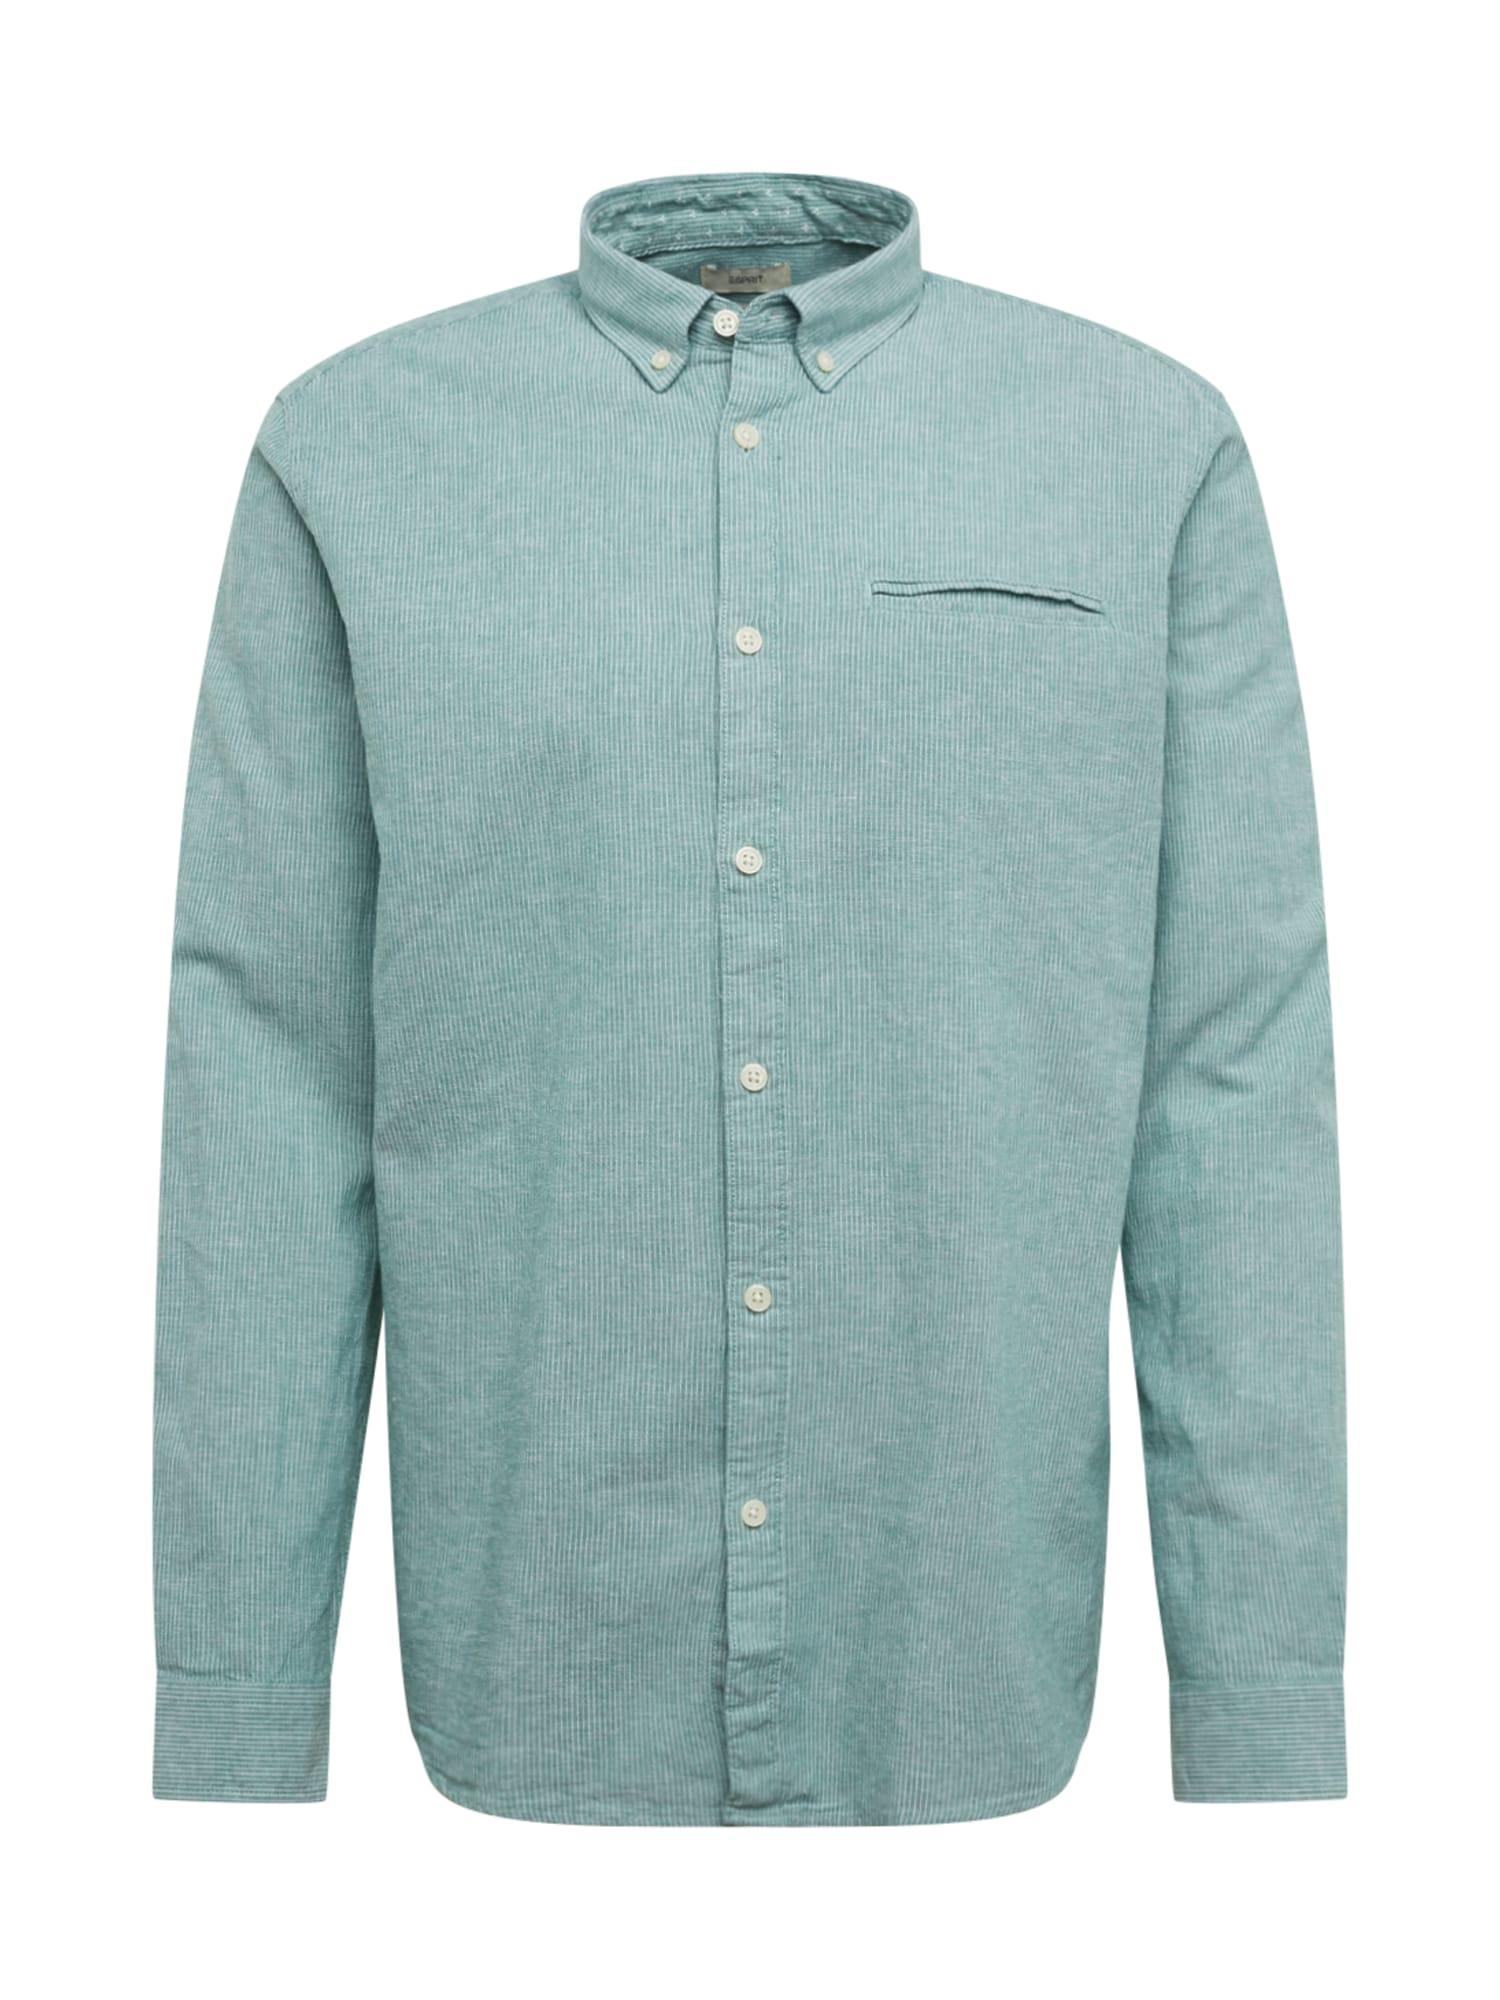 ESPRIT Marškiniai žalia